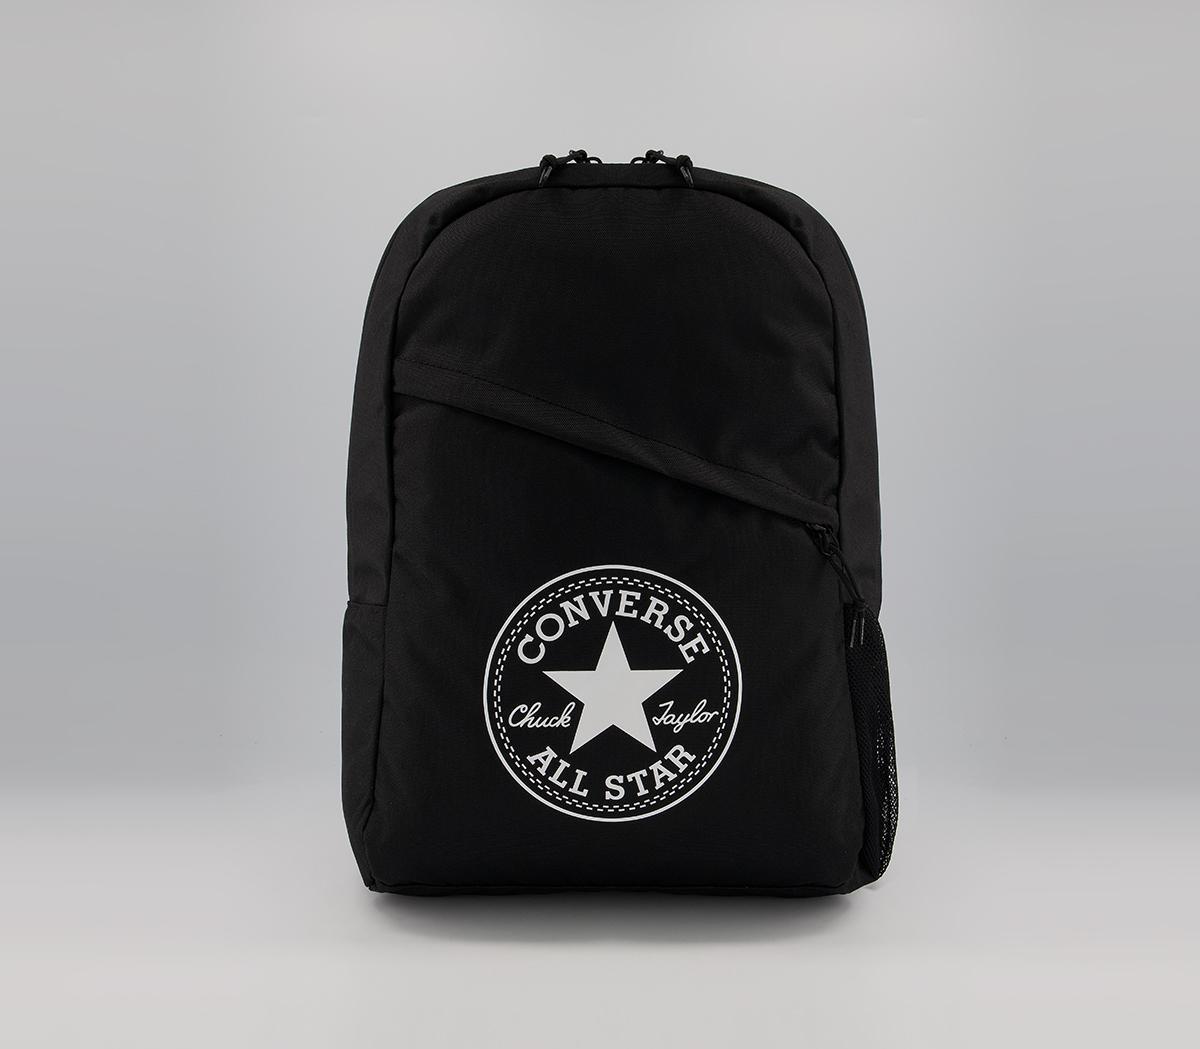 Converse Schoolpack XL